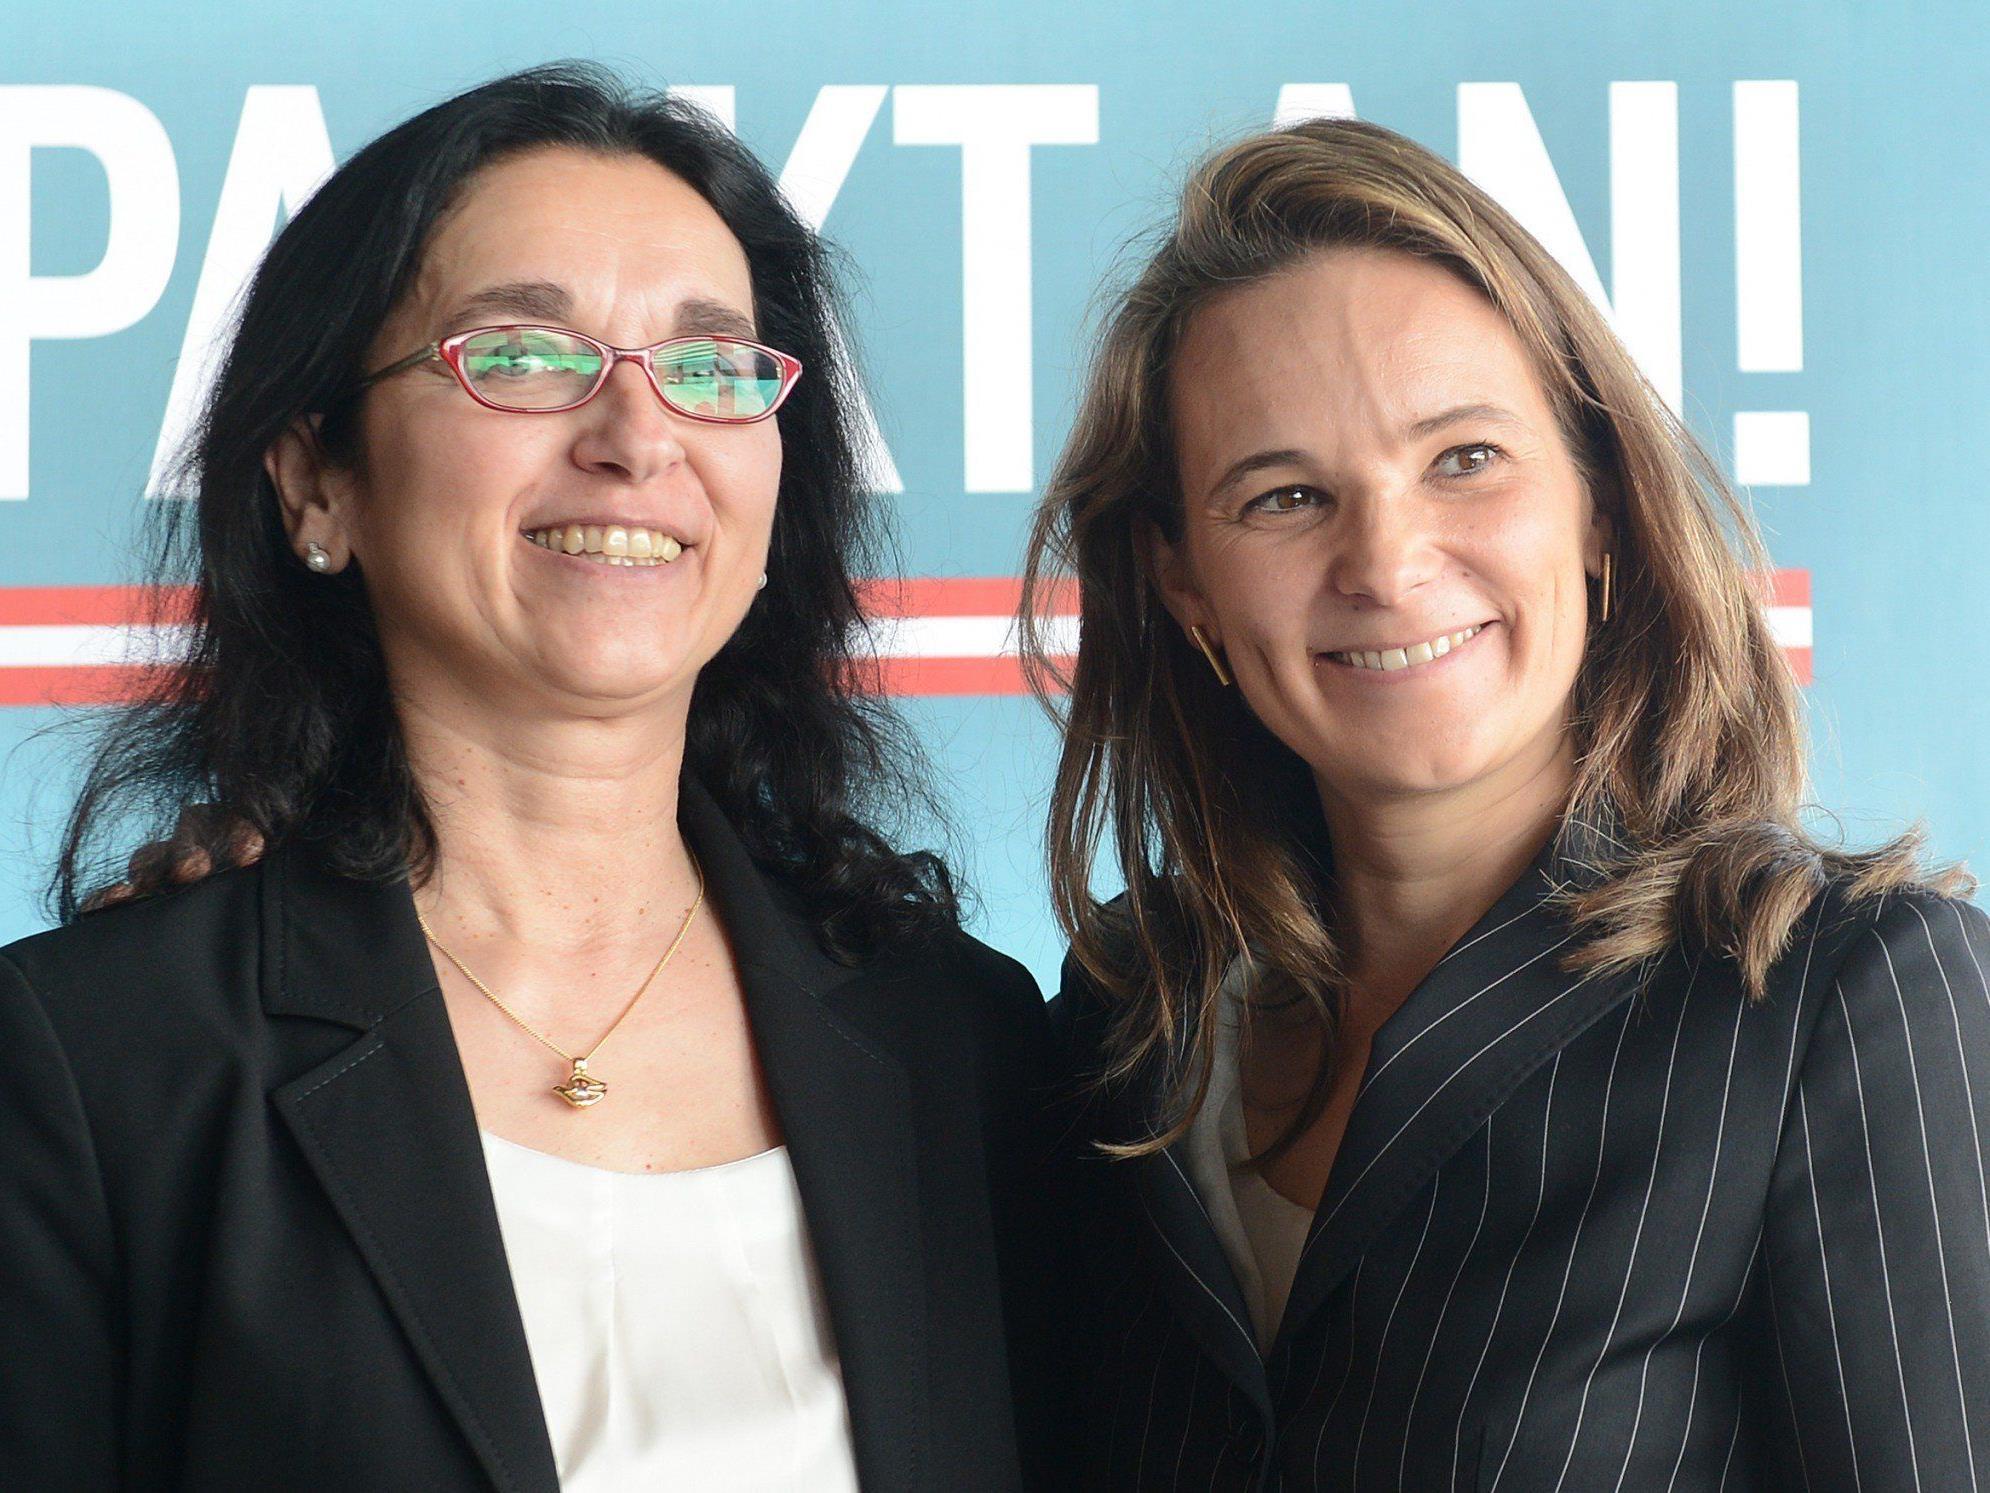 Werthmann statt Ulrike Haider-Quercia: BZÖ mit neuer EU-Spitzenkandidatin.